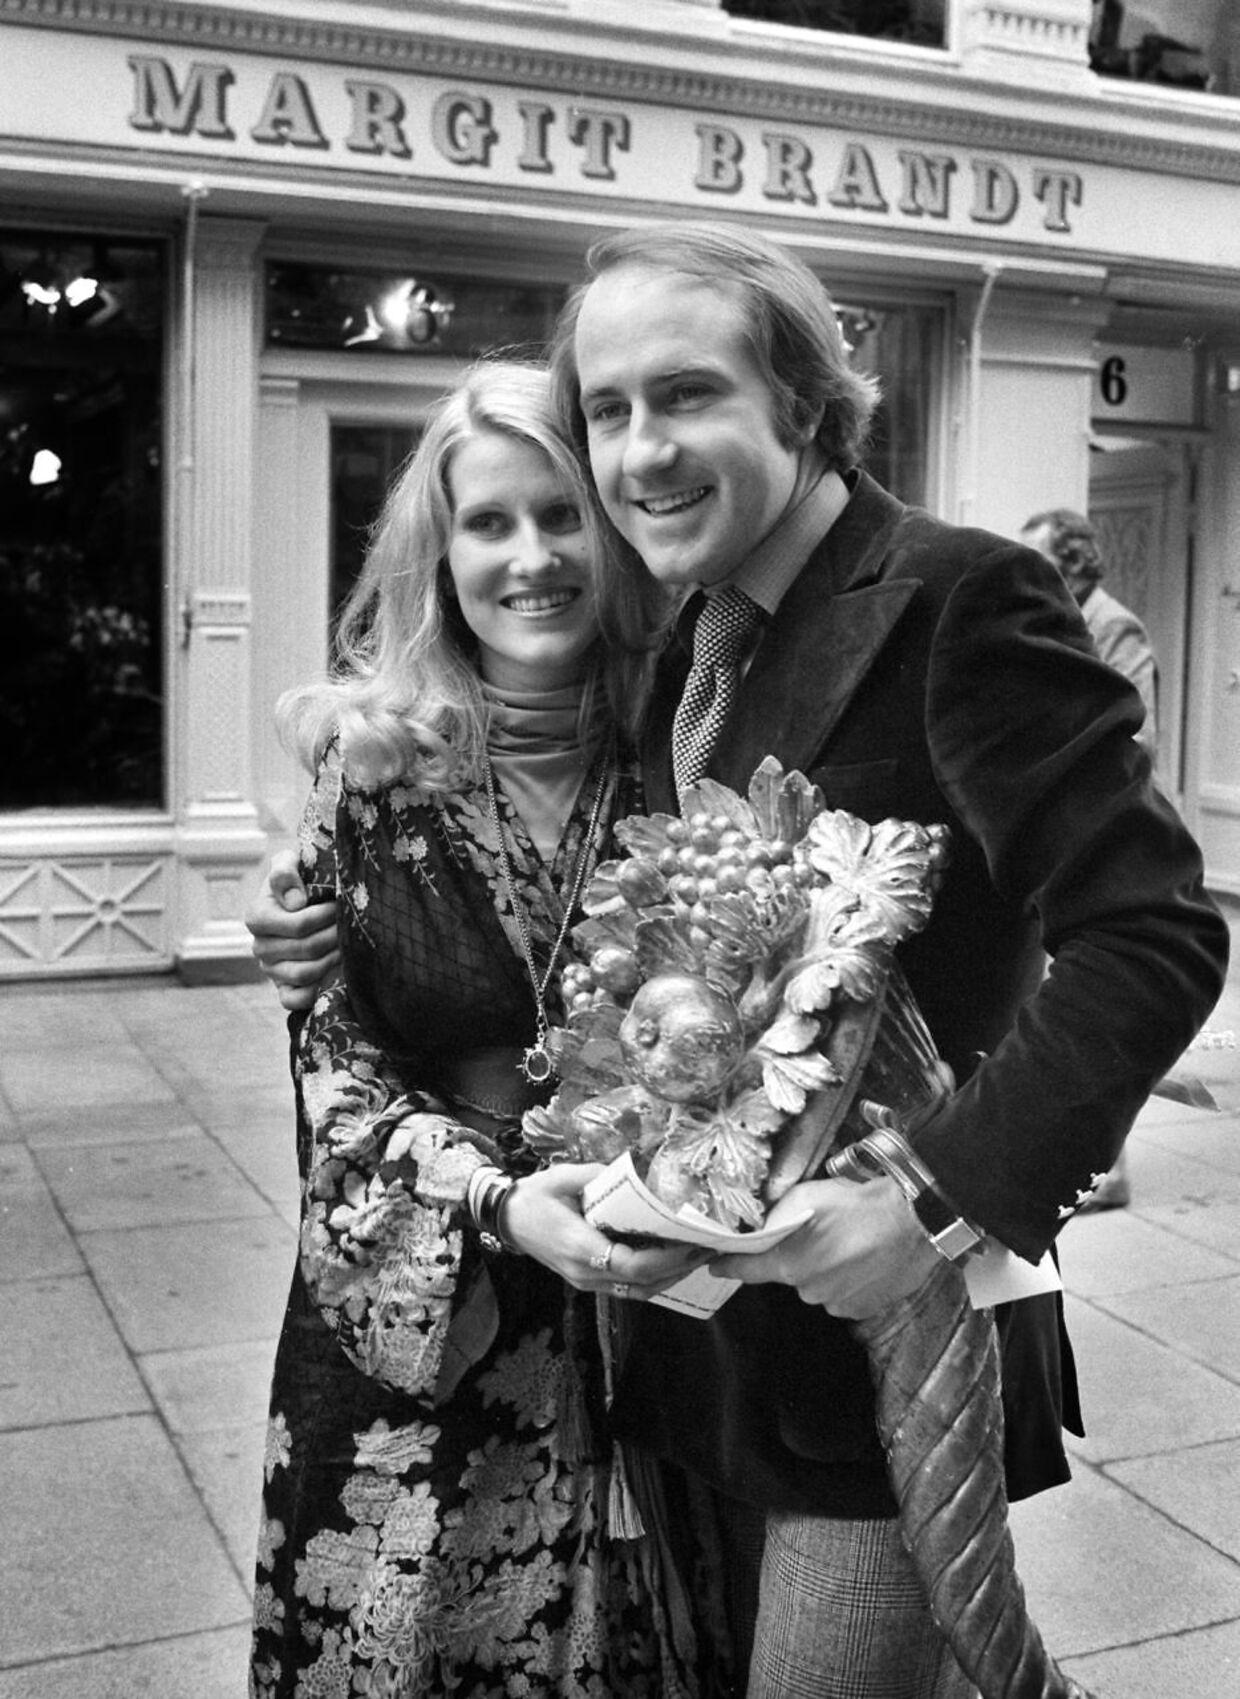 Margit og Erik Brandt i deres unge dage.